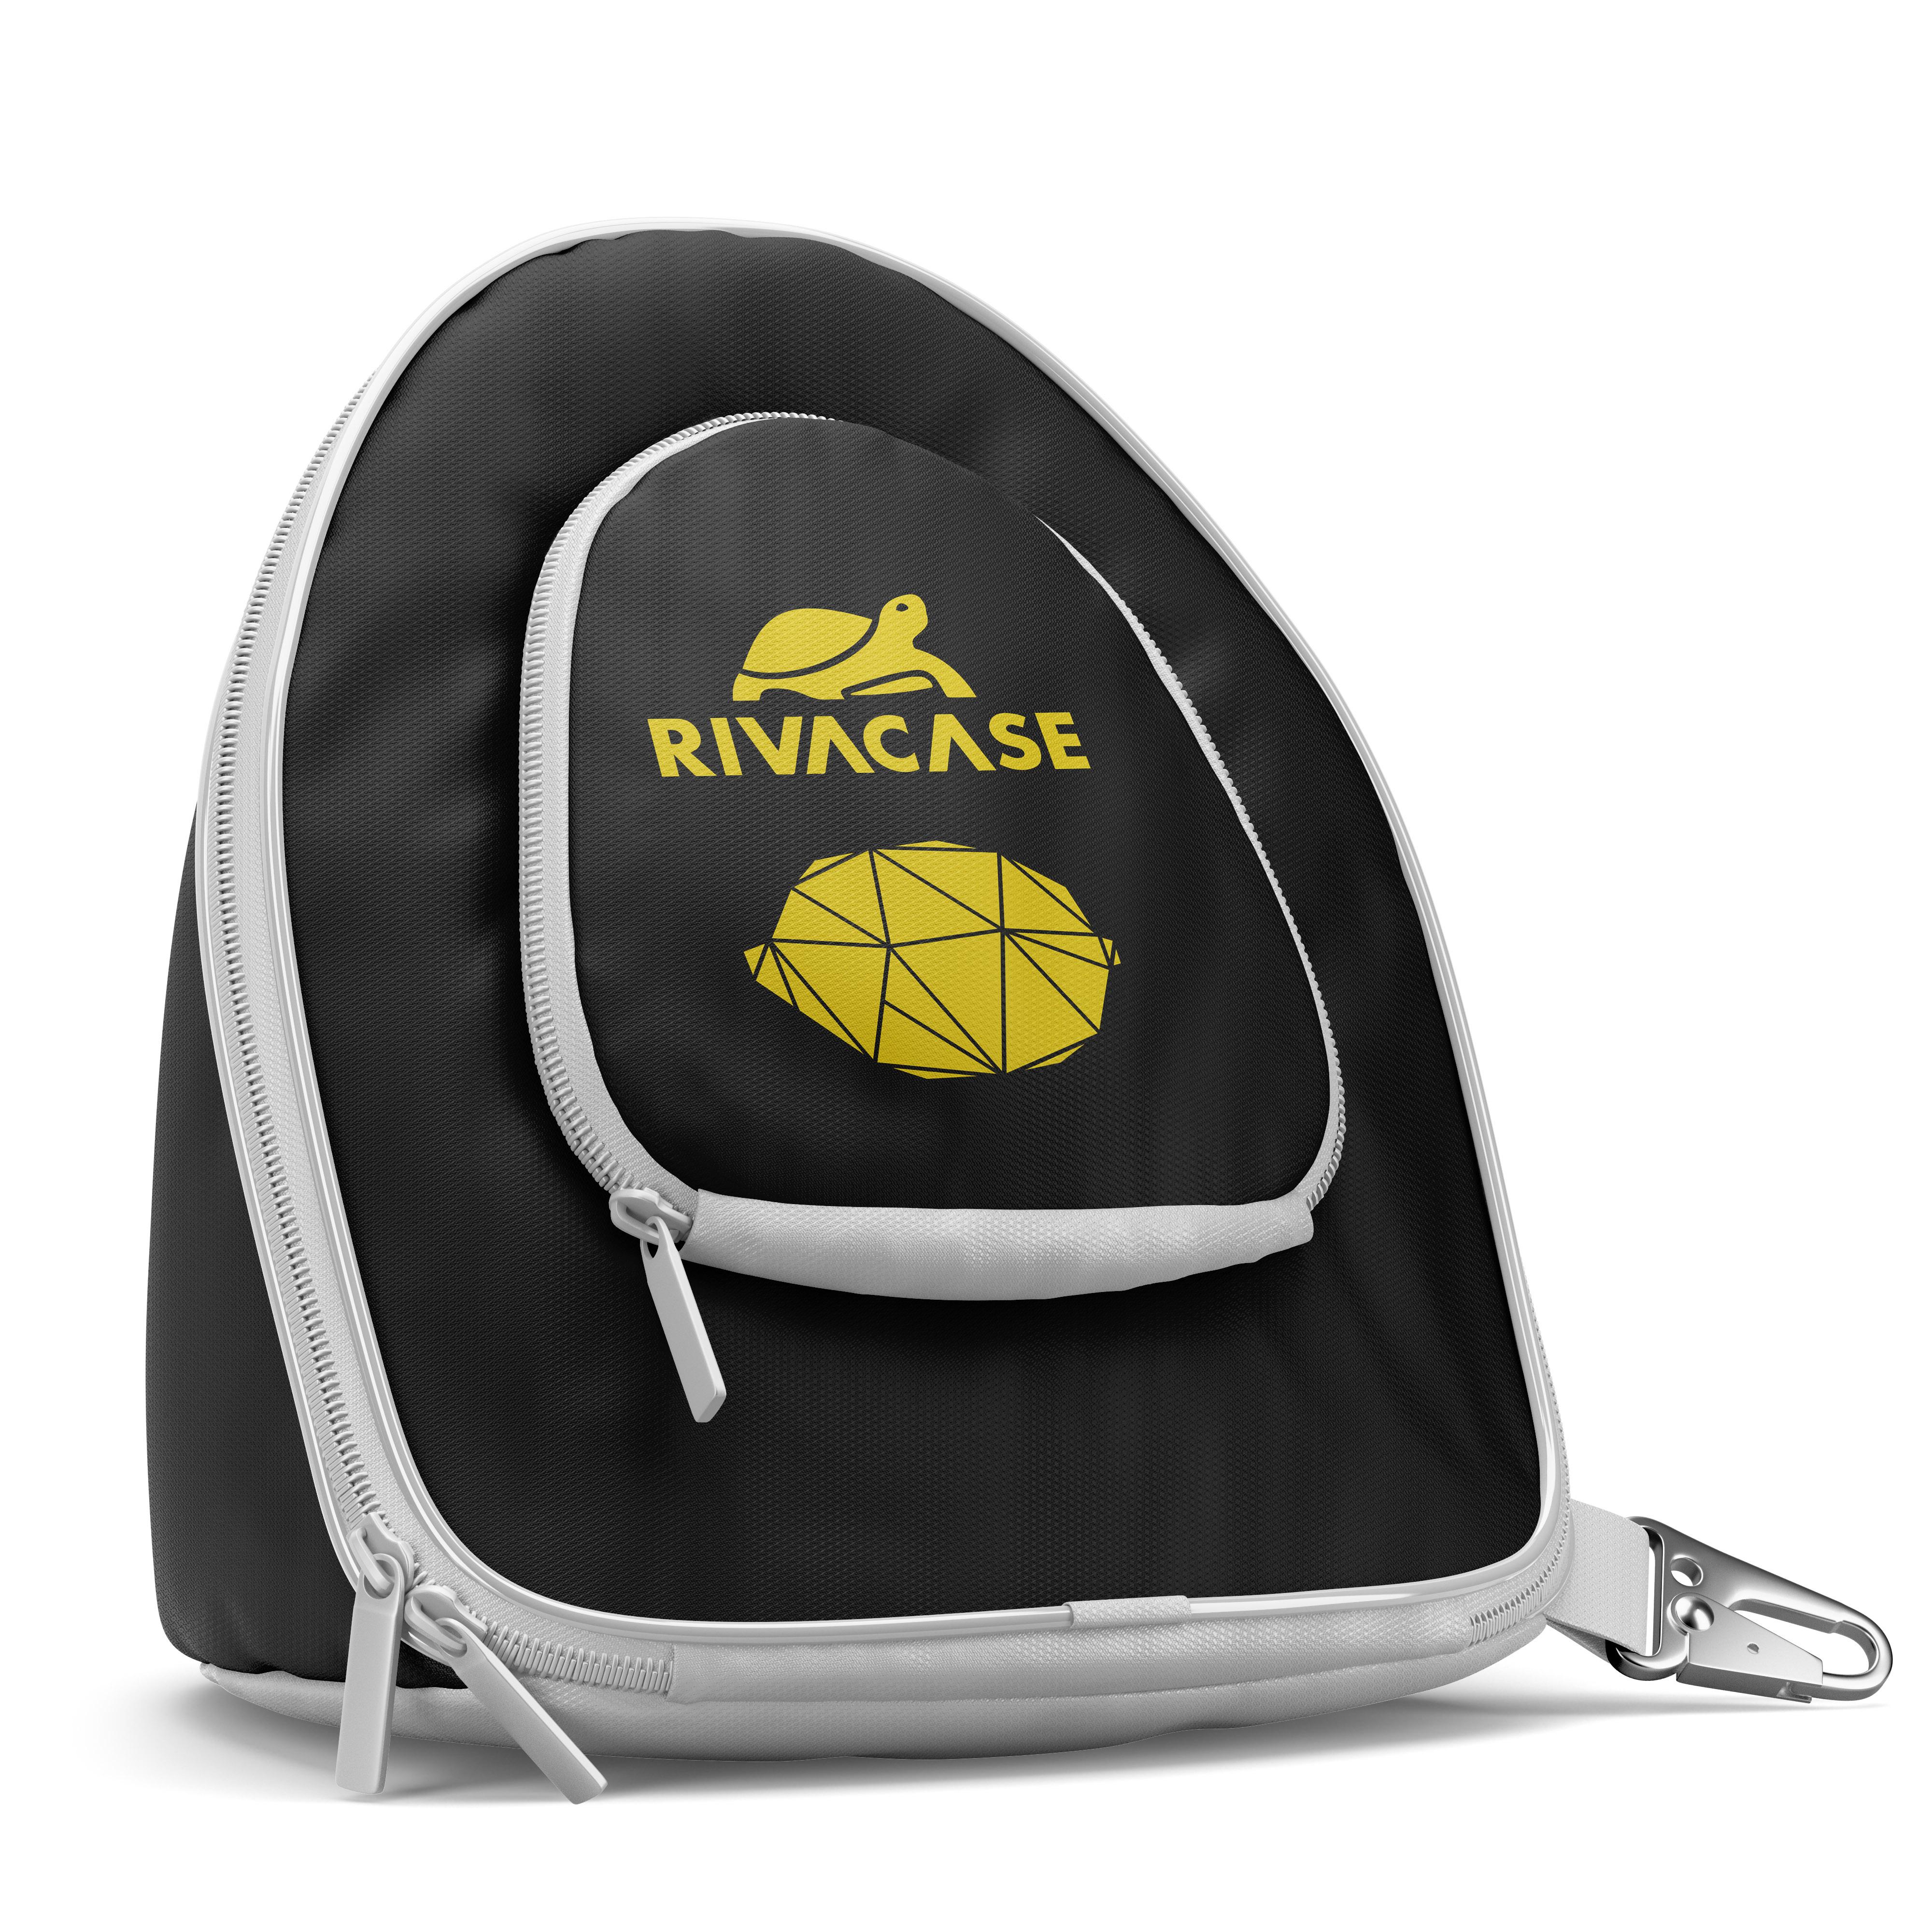 Конкурс на создание оригинального принта для рюкзаков фото f_7975f875f613ec28.jpg